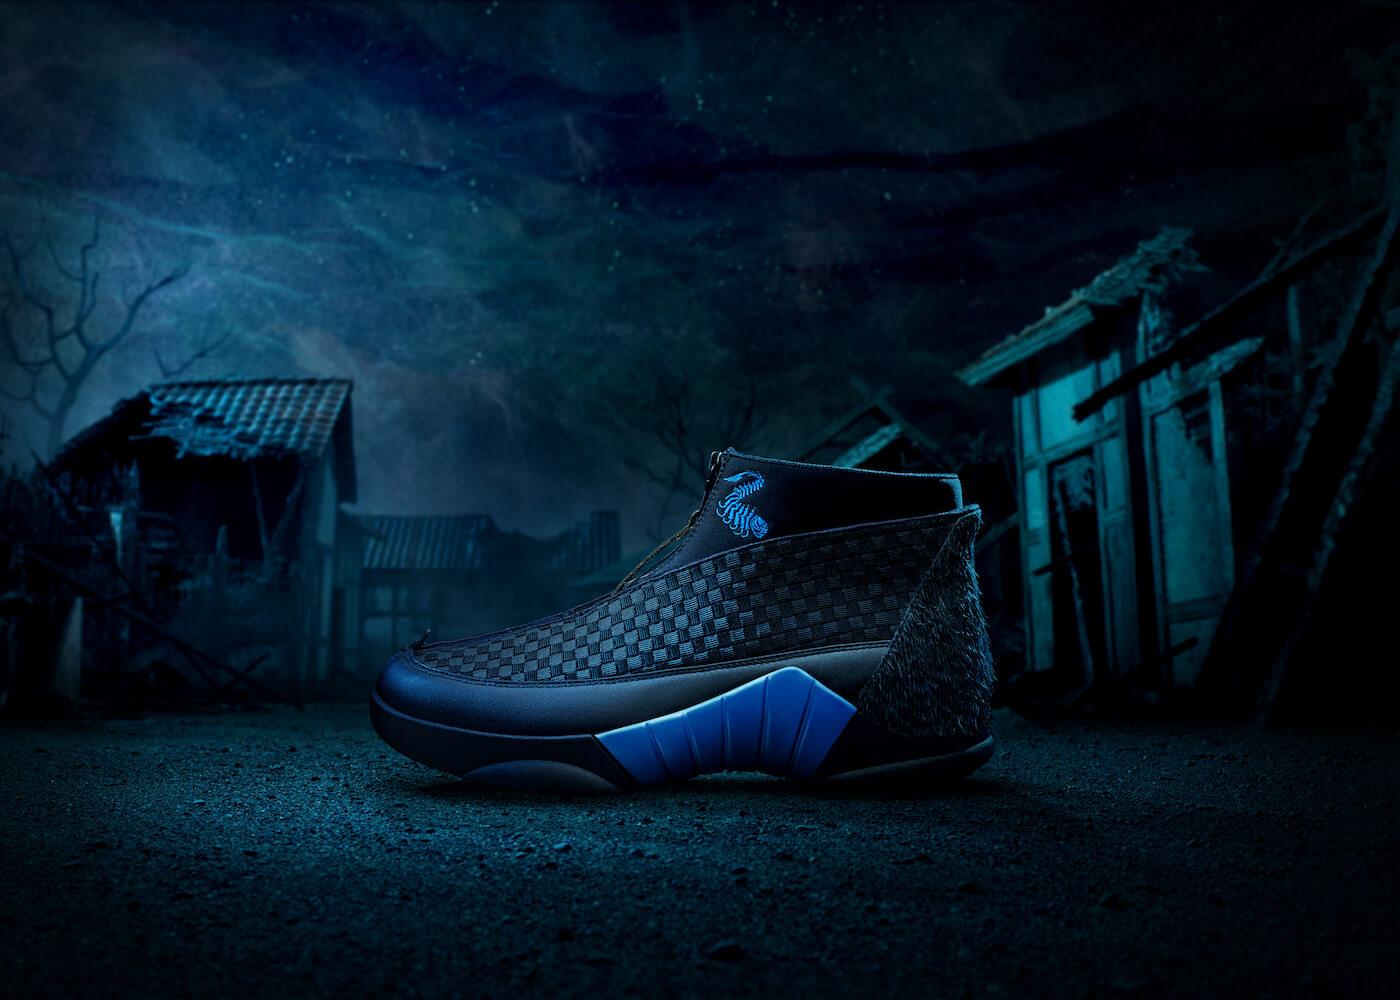 Laika nike shoes kubo 2